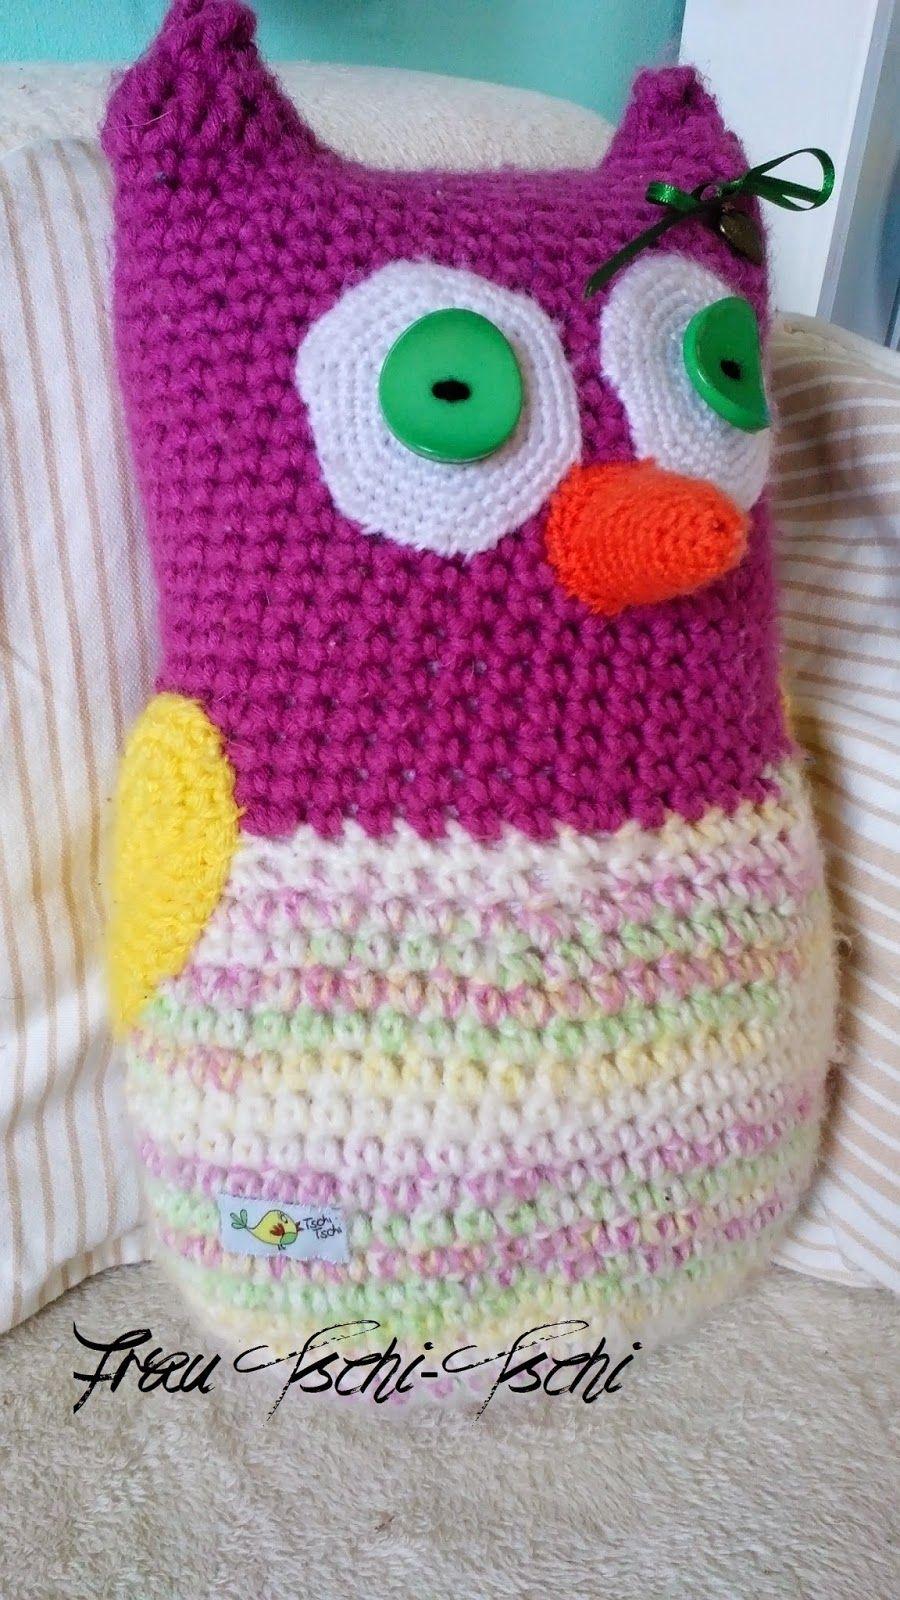 Frau Tschi-Tschi: Eulenkissen Häkelanleitung - crochet pattern free ...